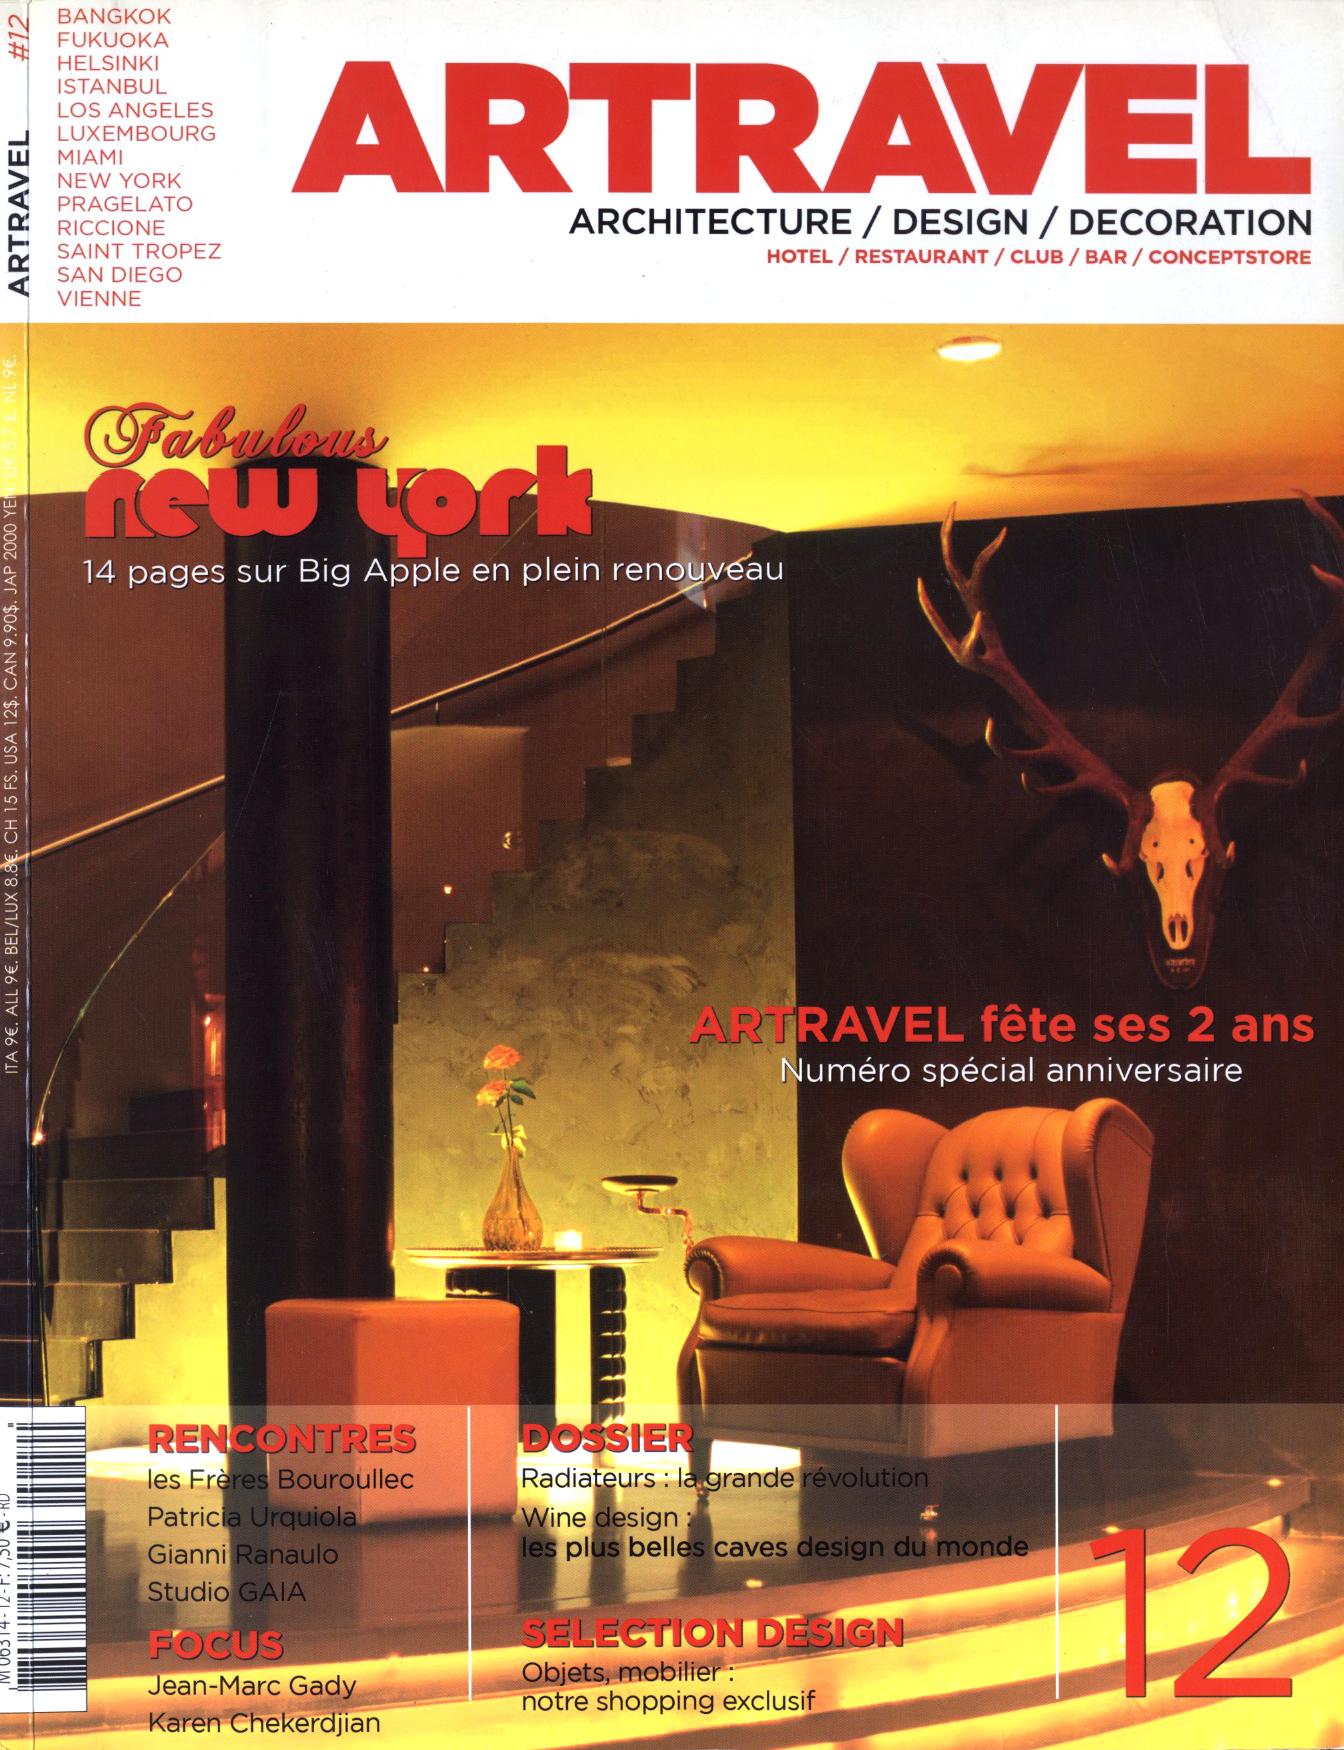 © ghislaine viñas interior design-artravel.12_01.07_1.jpeg